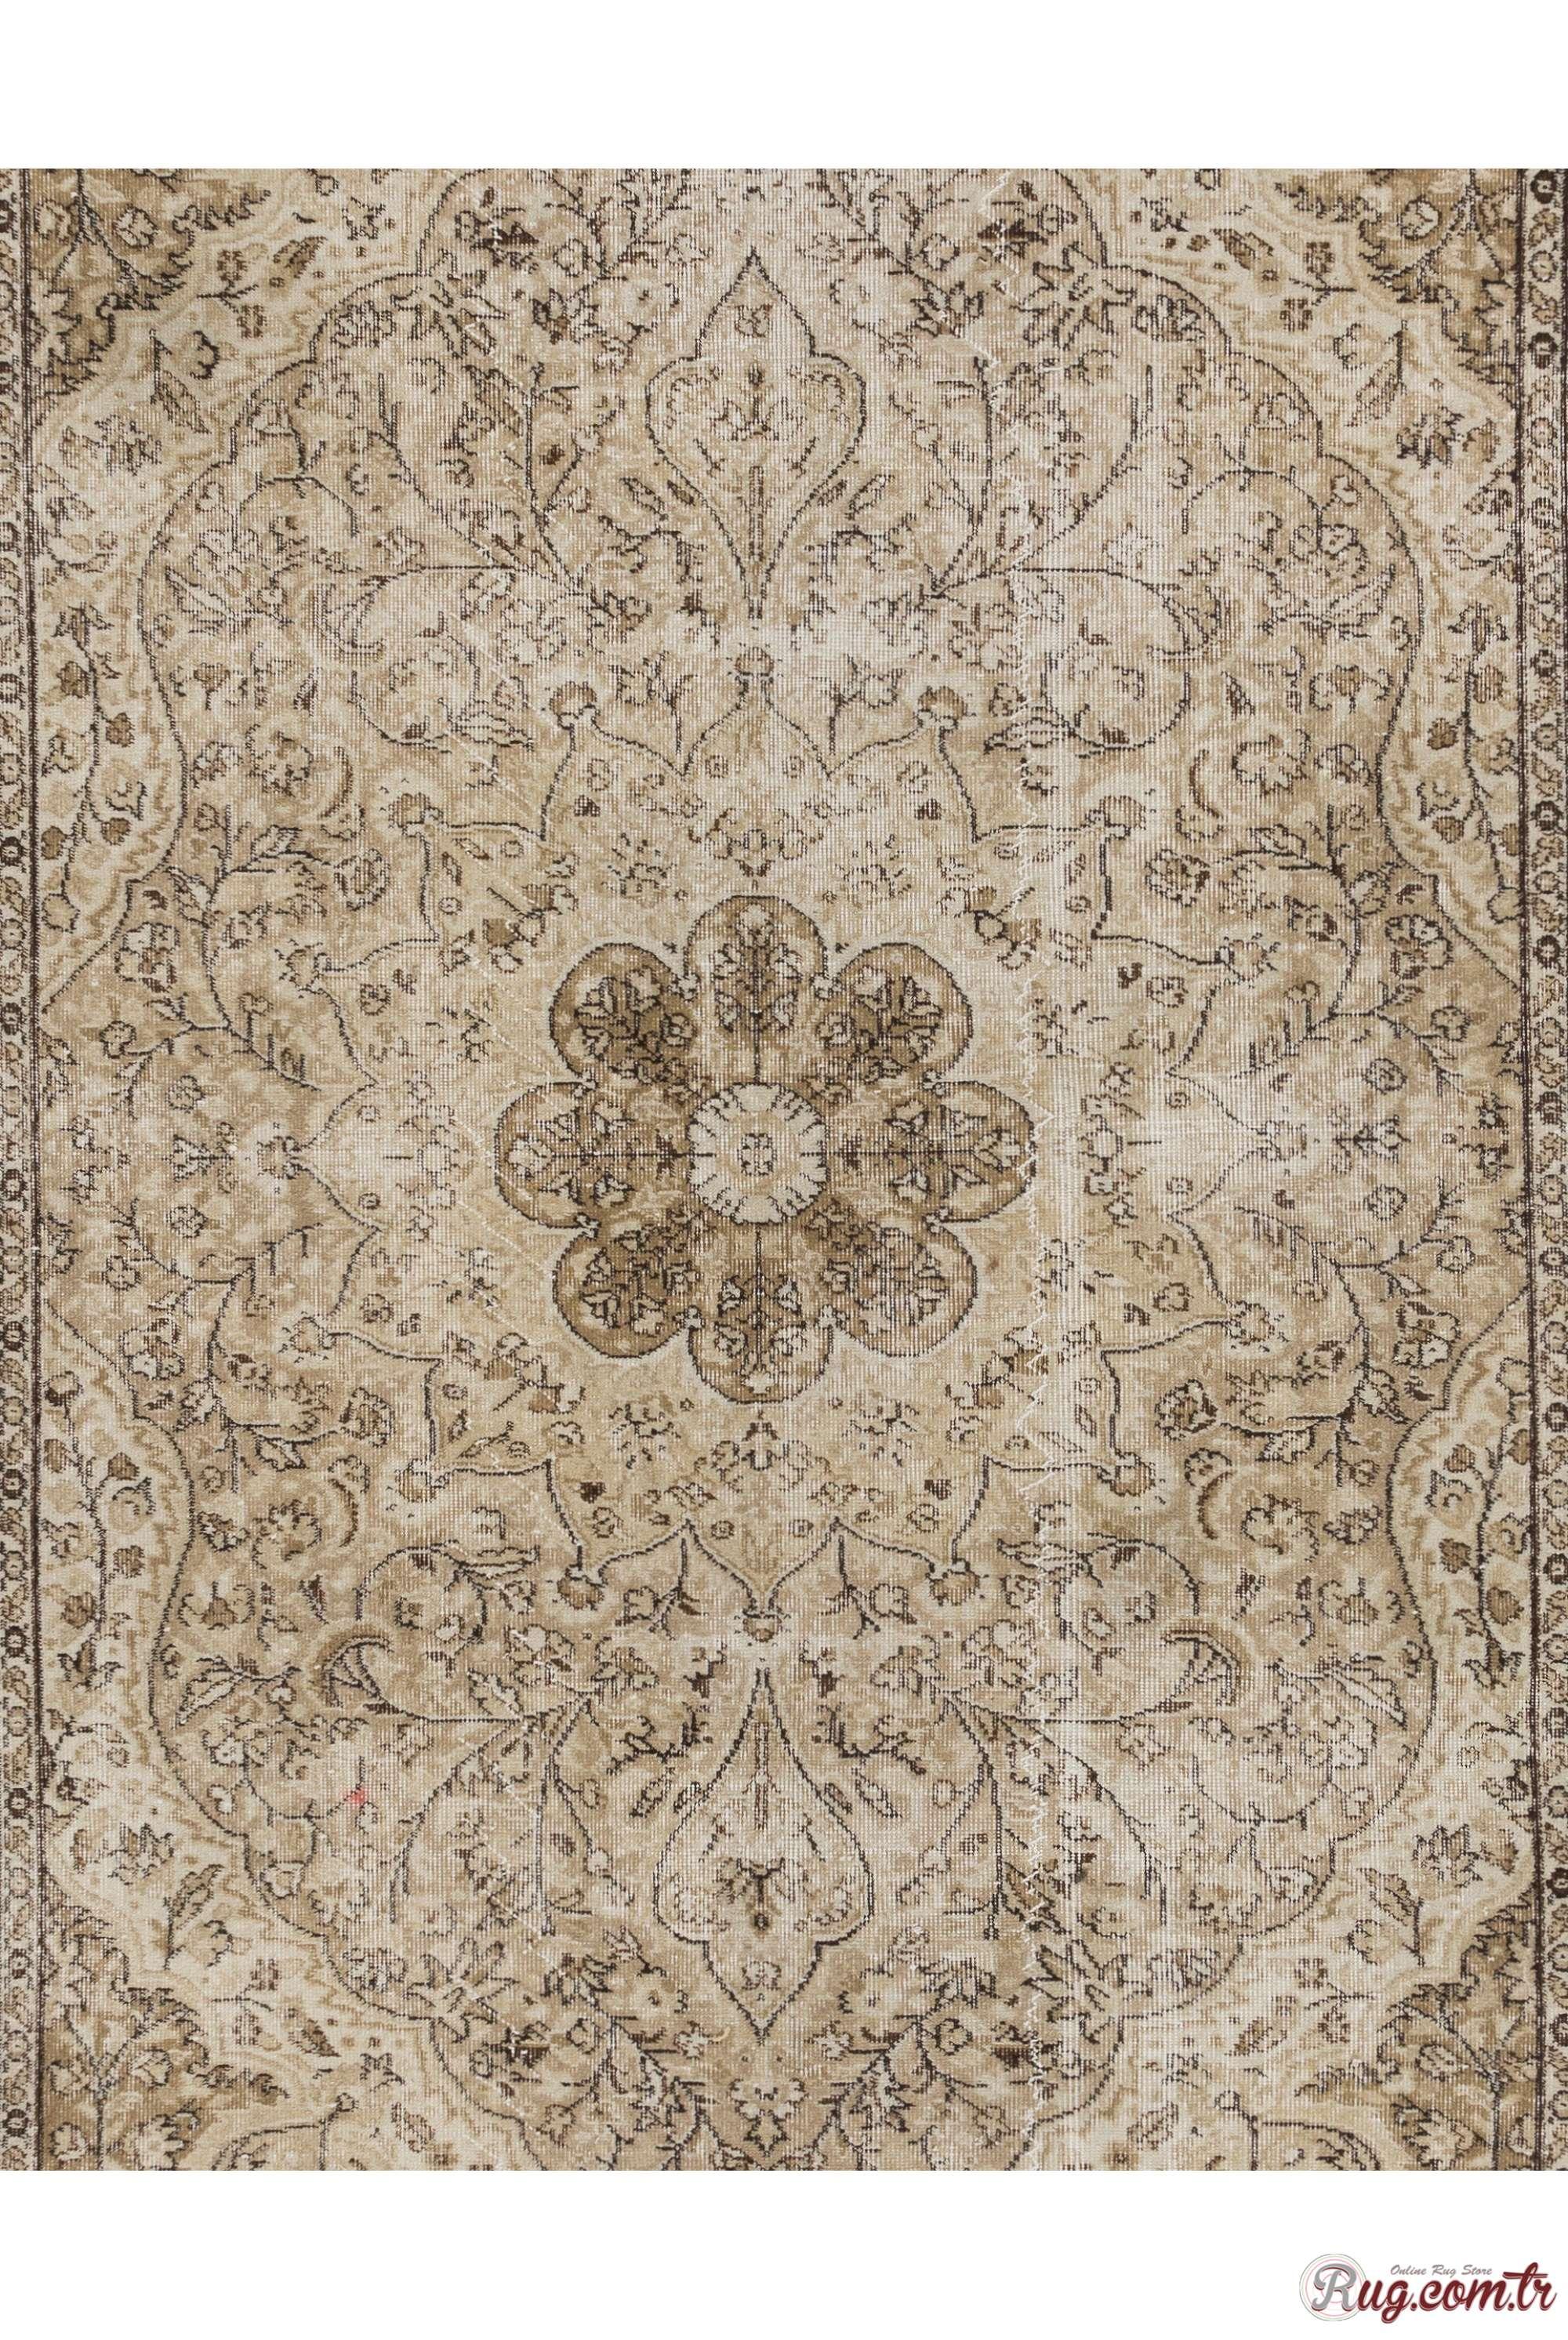 299e773f3 Brown & Beige Turkish Rug, 6'8